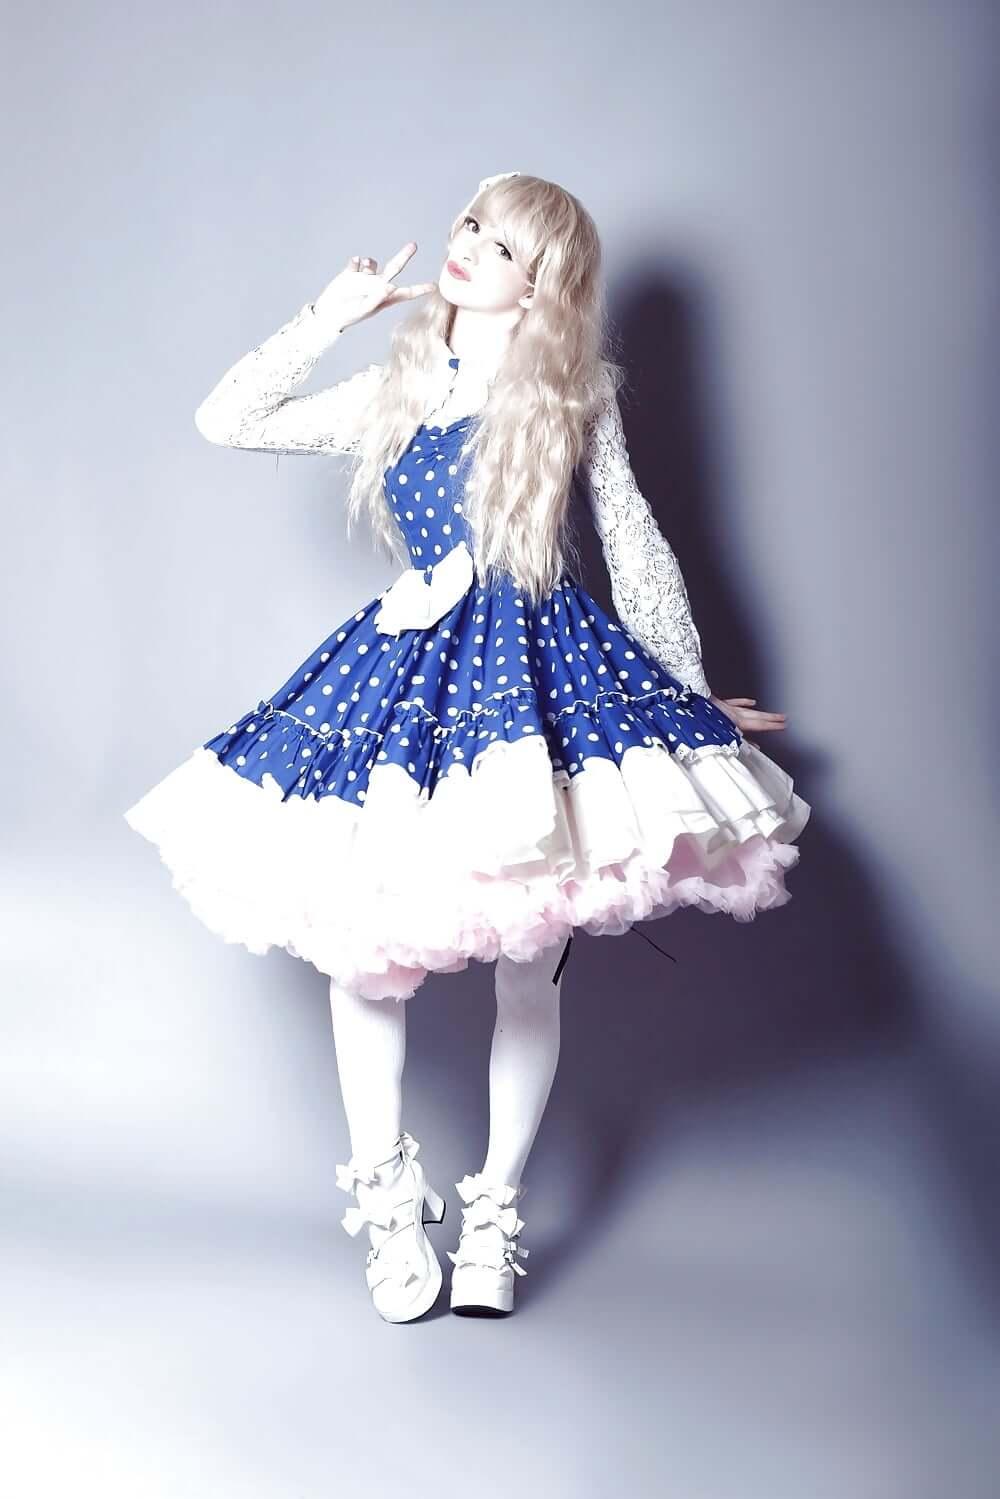 alicia snow jovencita trans